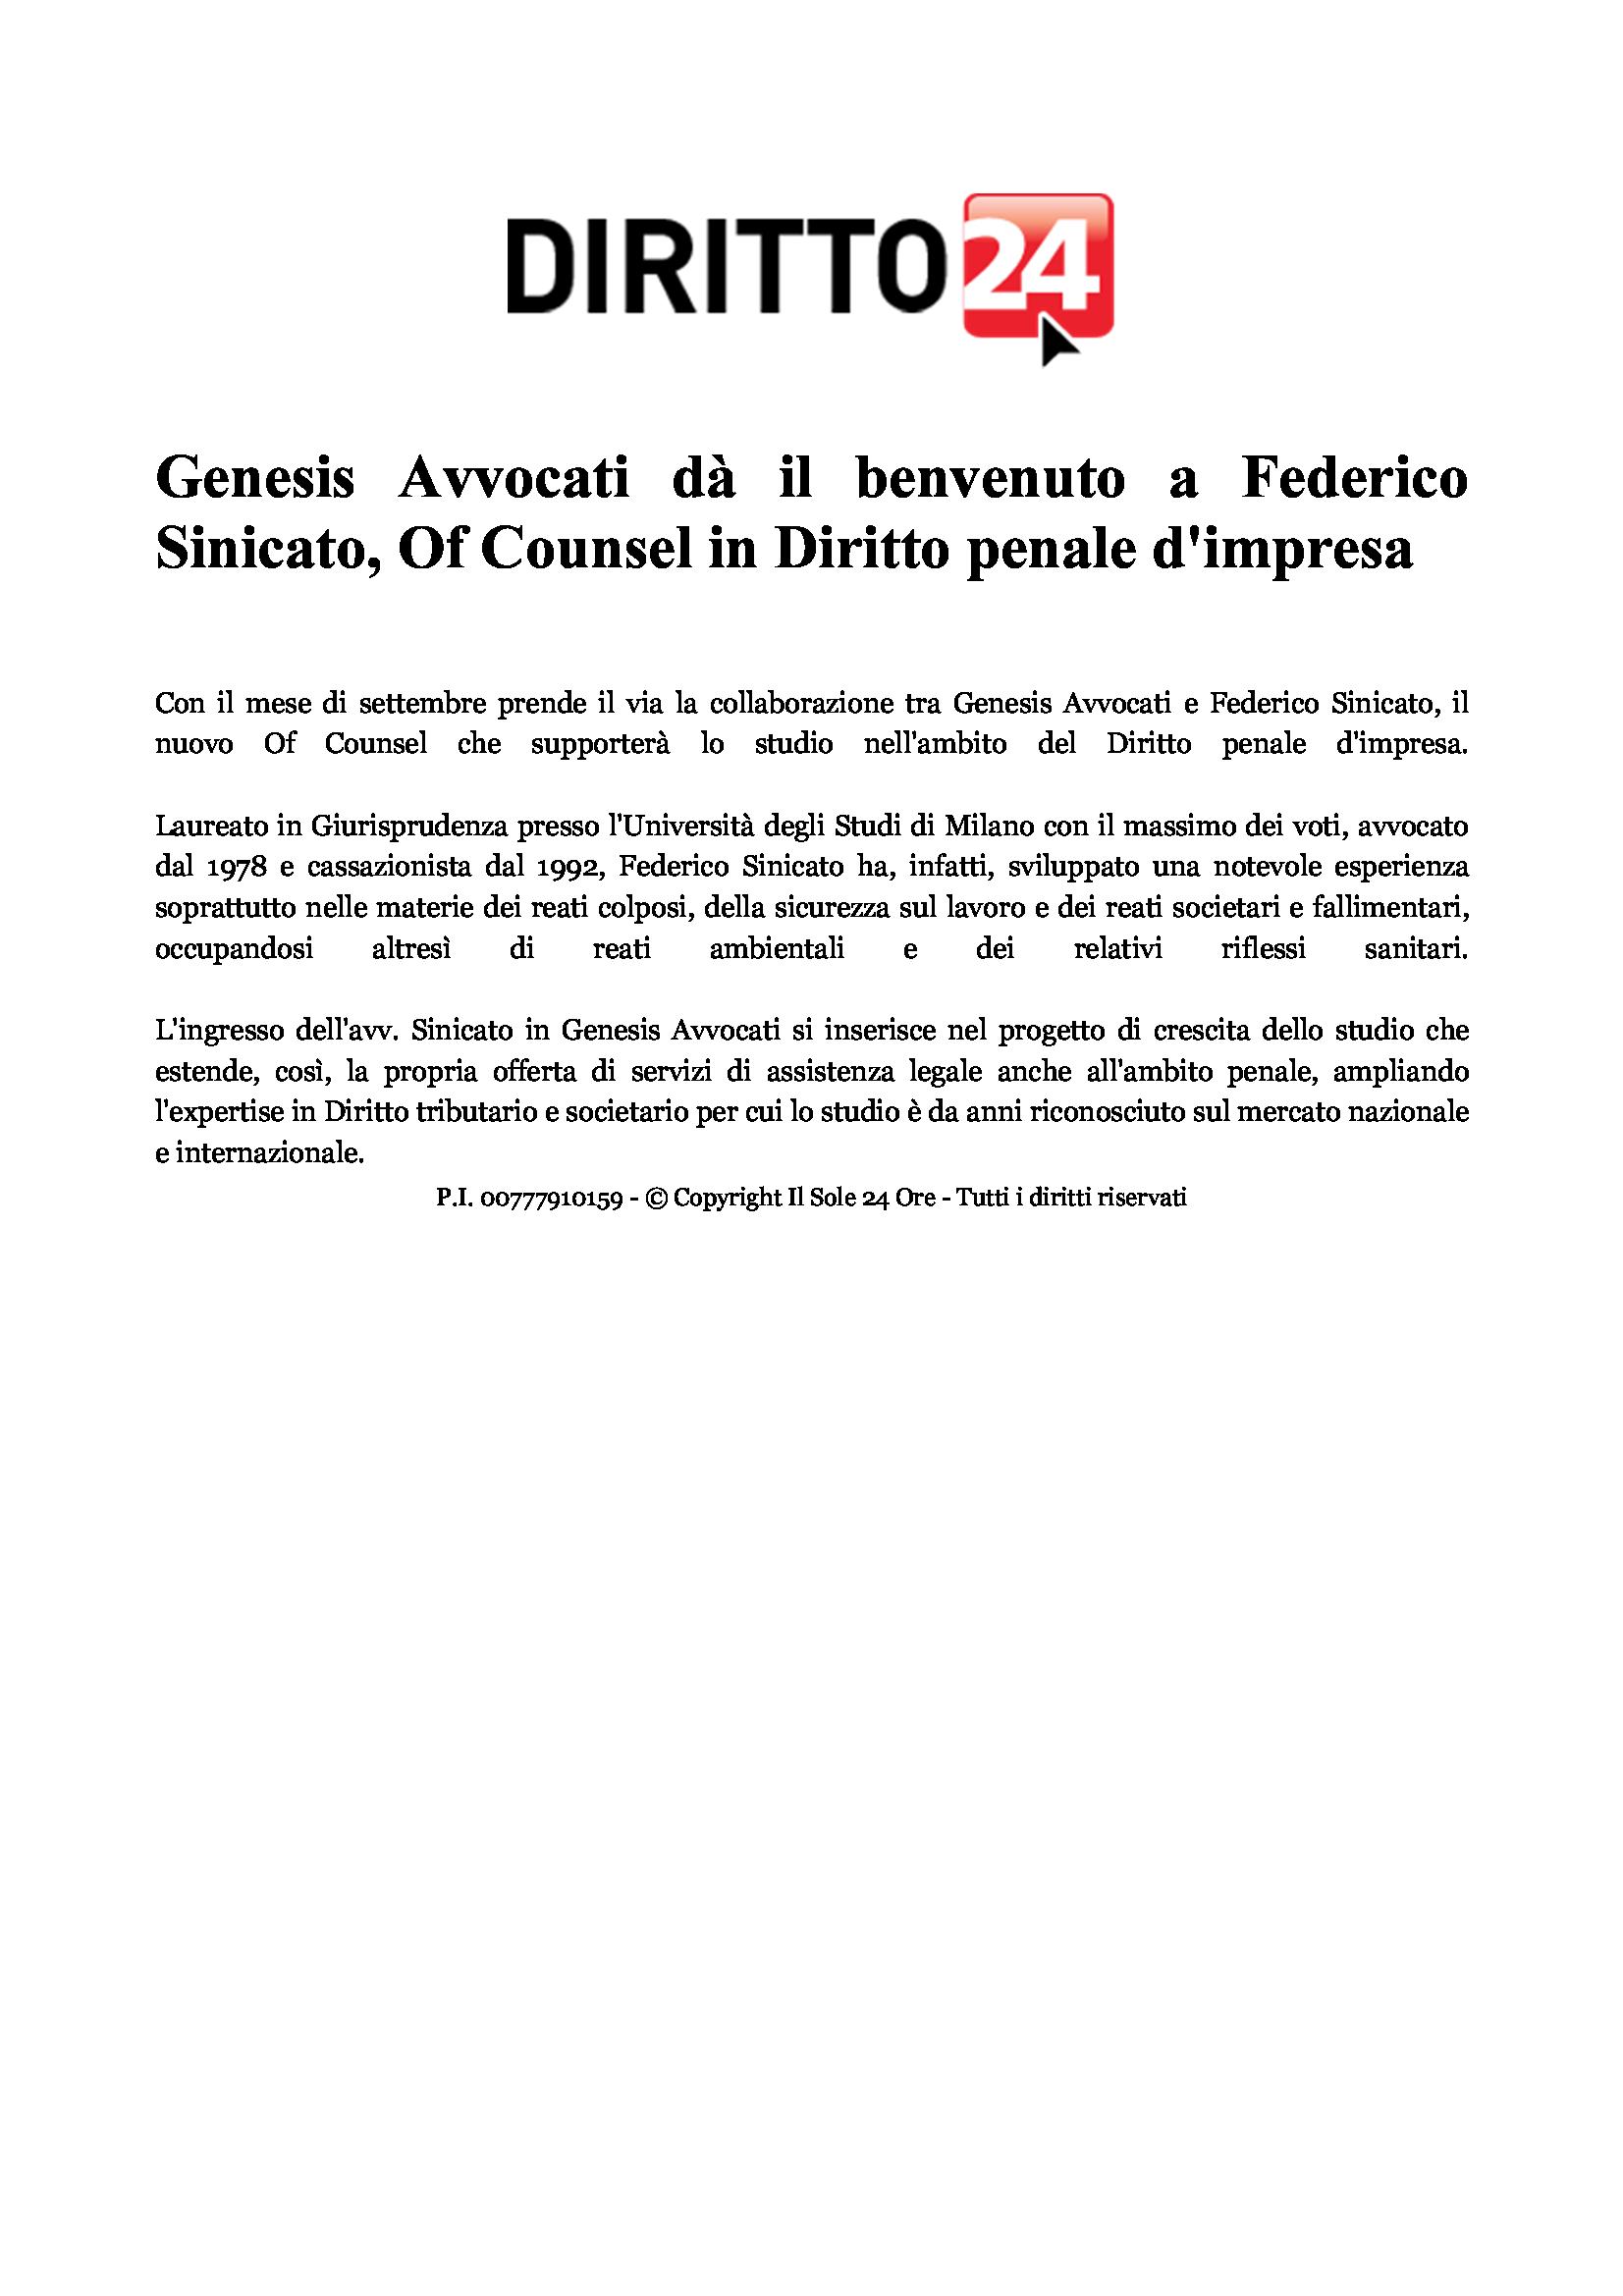 diritto-24-fs